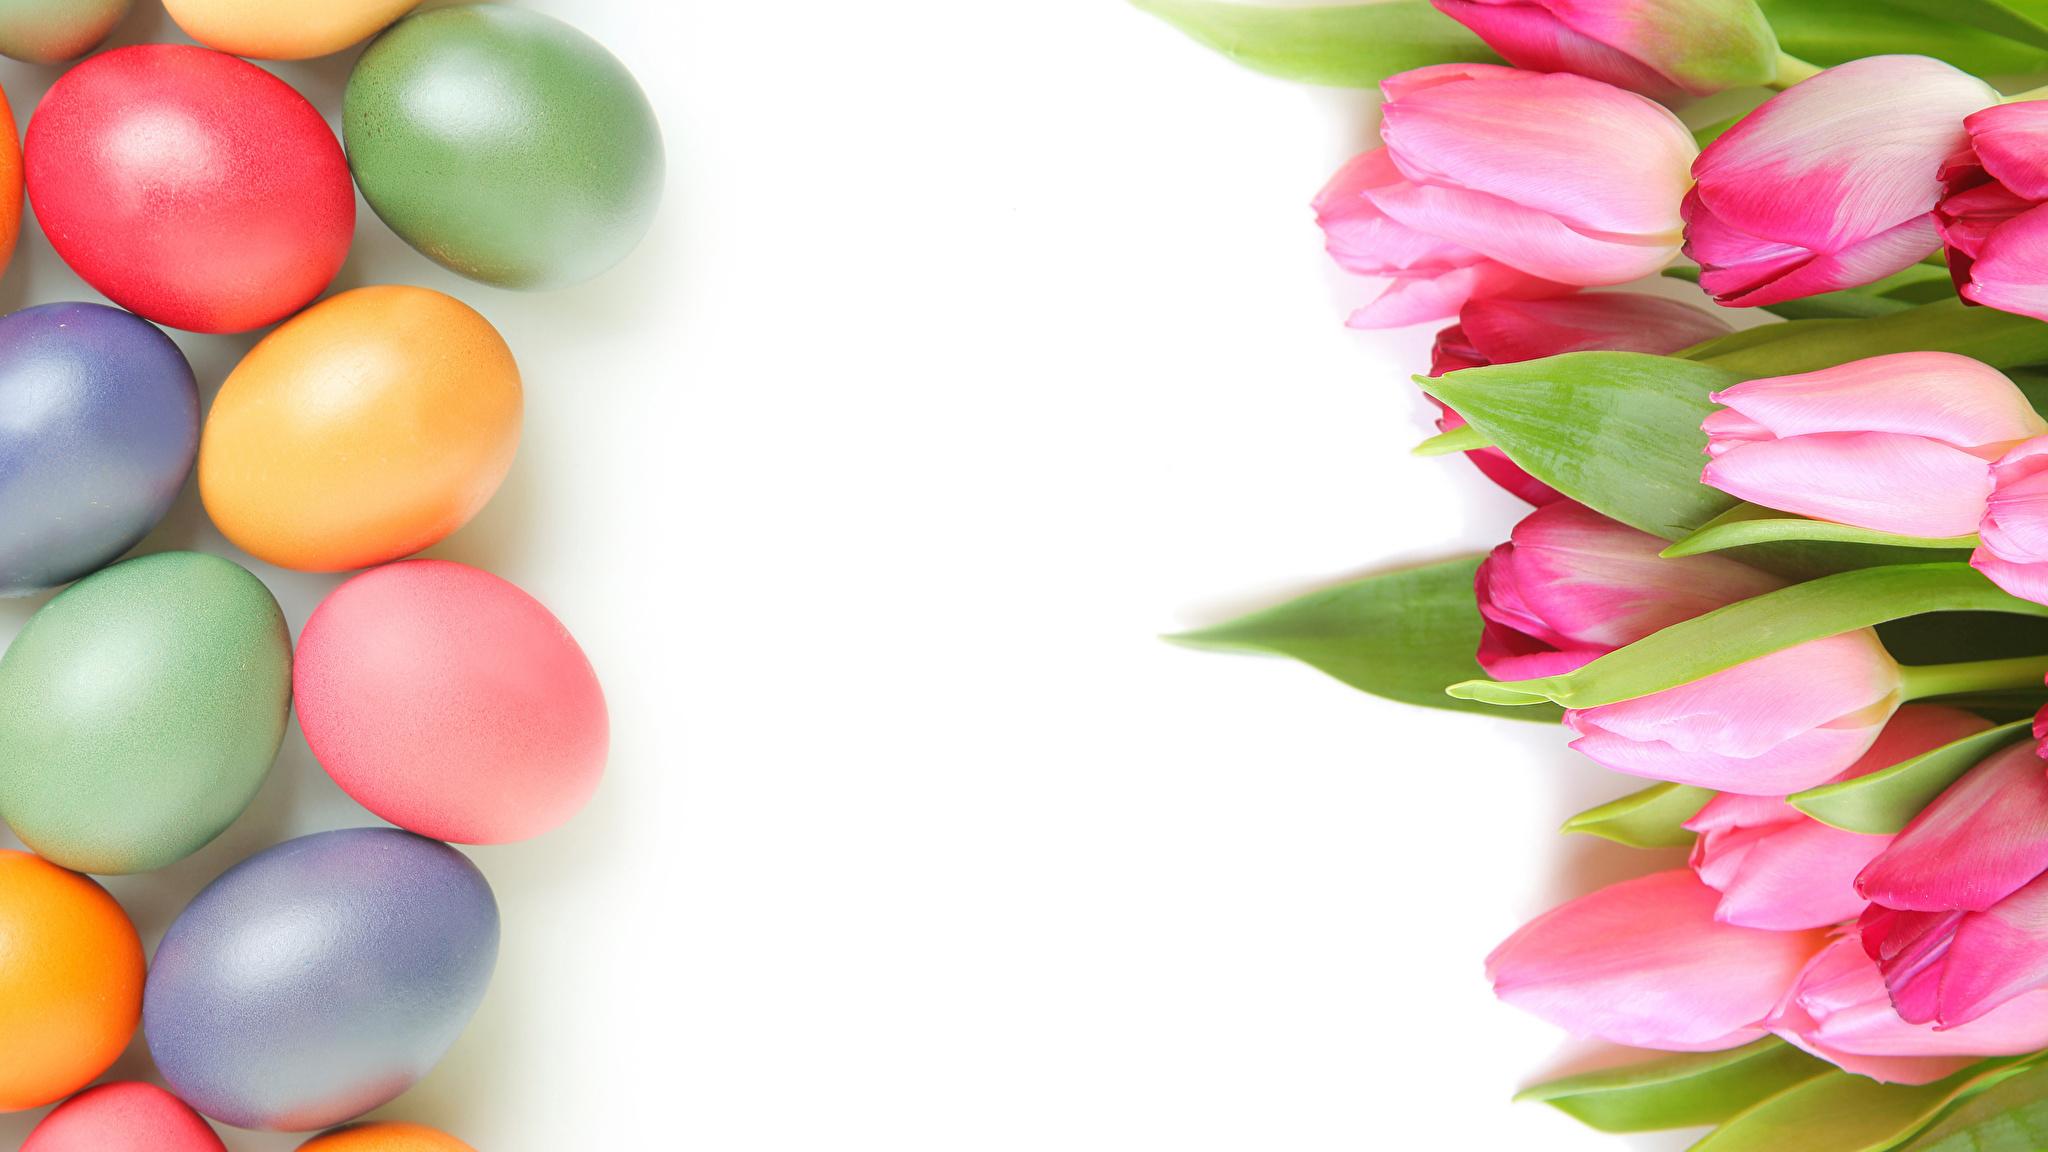 природа цветы тюльпаны яйца пасха загрузить